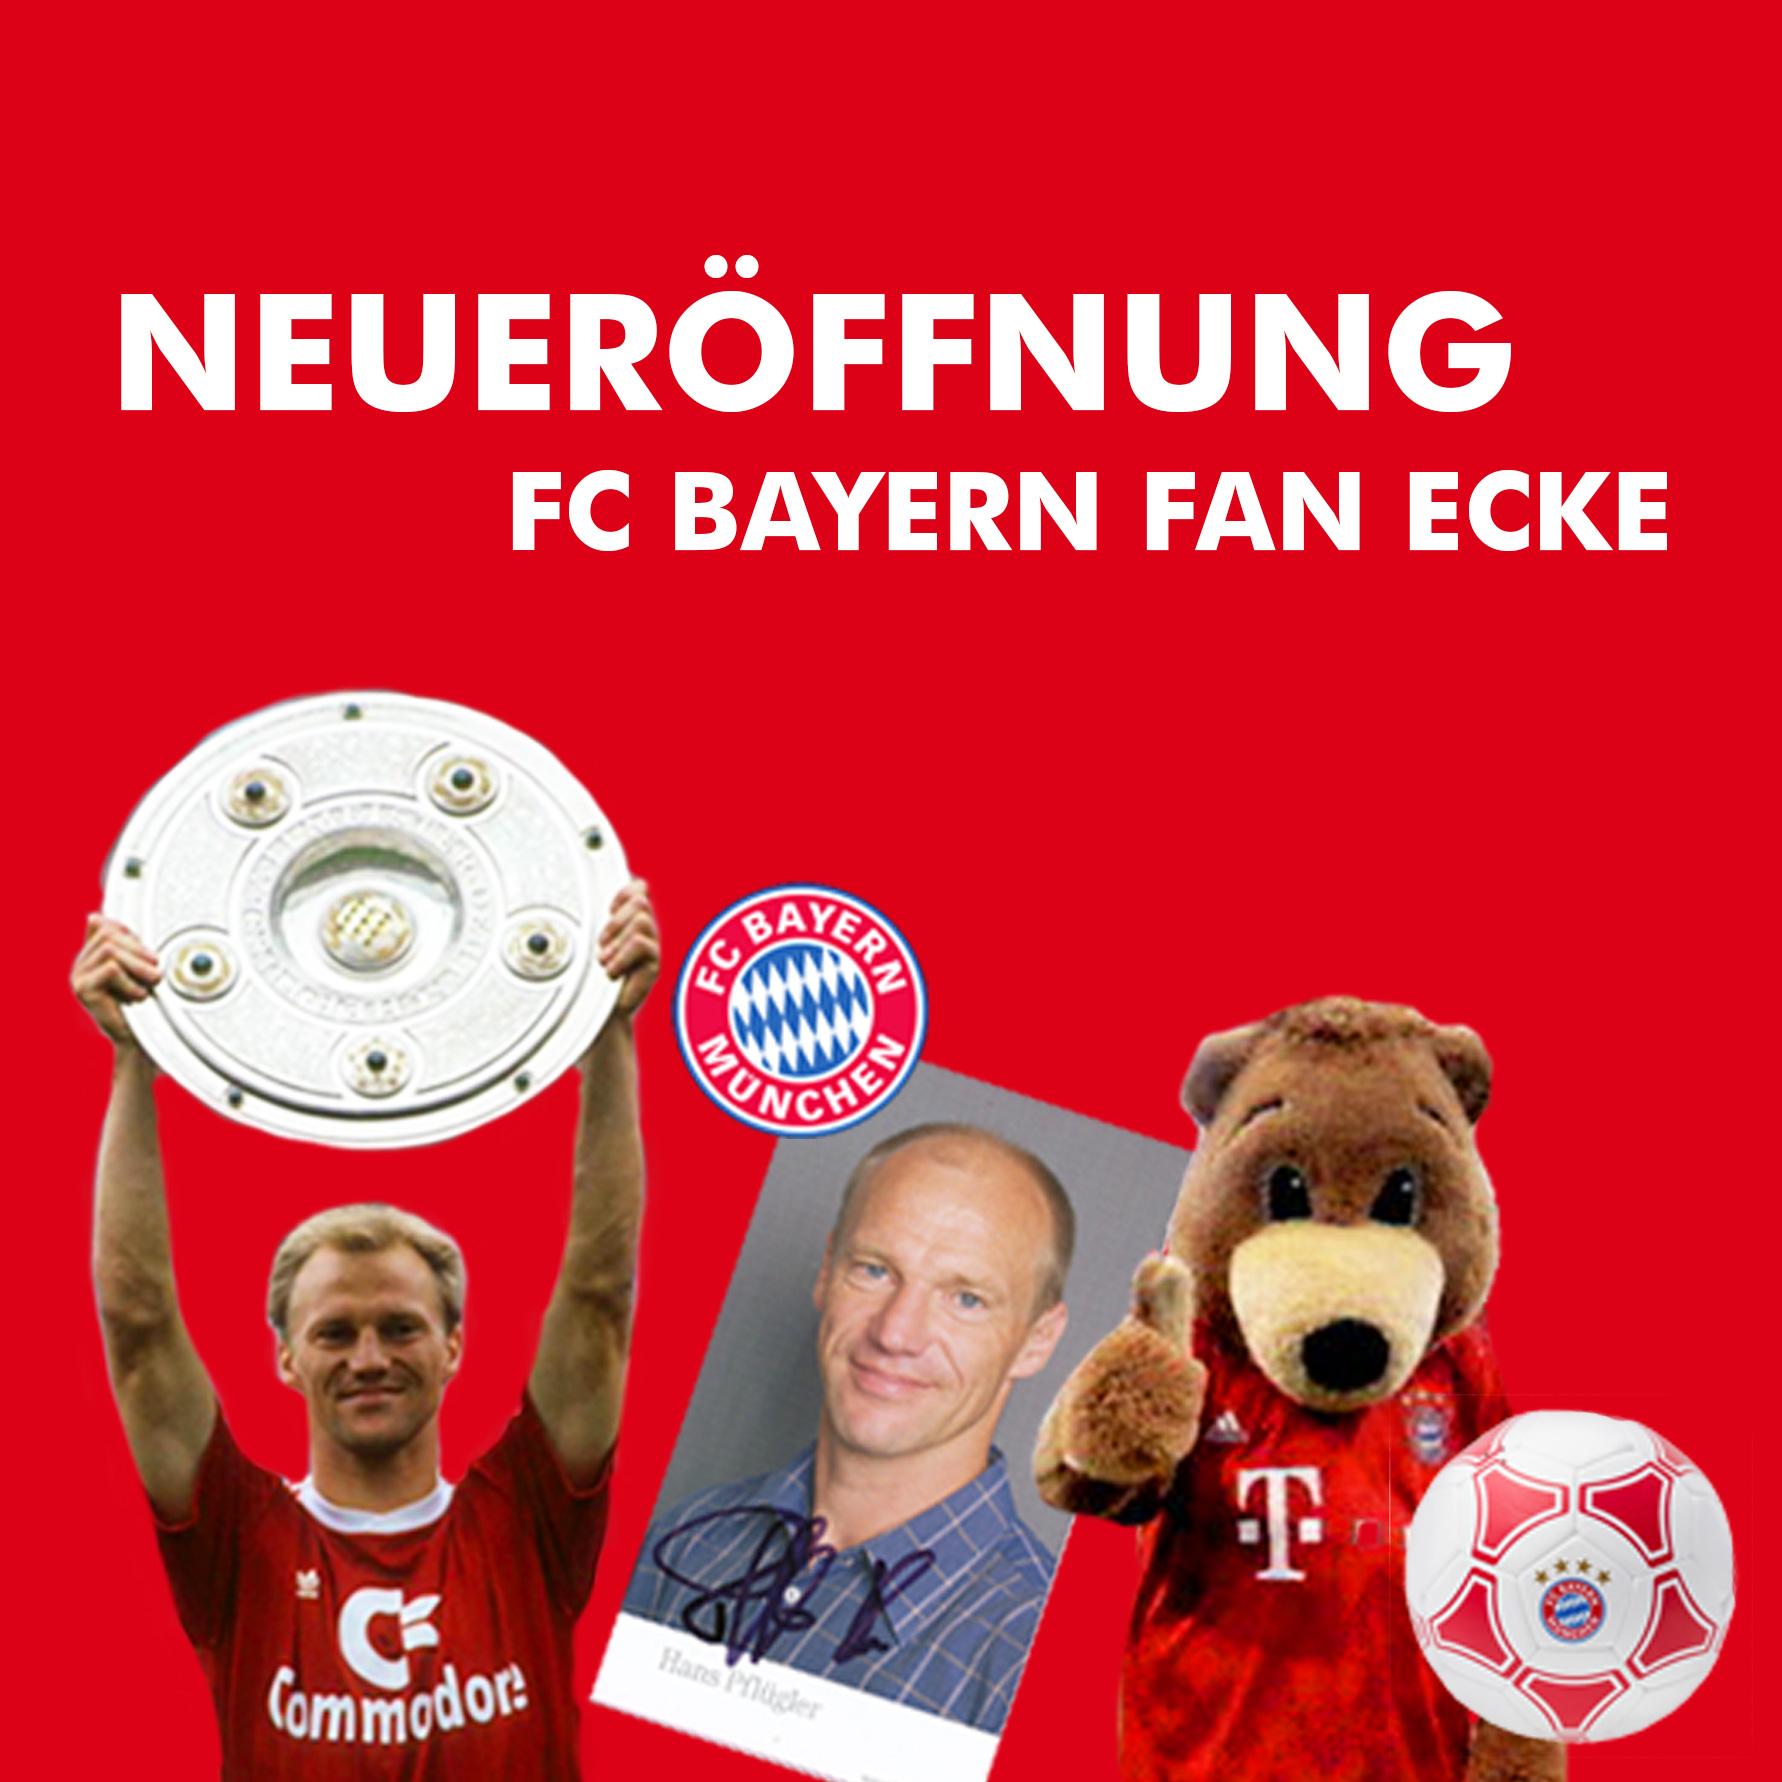 Gewinnspiel & Autogrammstunde Neueröffnung der FC Bayern Fan Ecke in der Therme